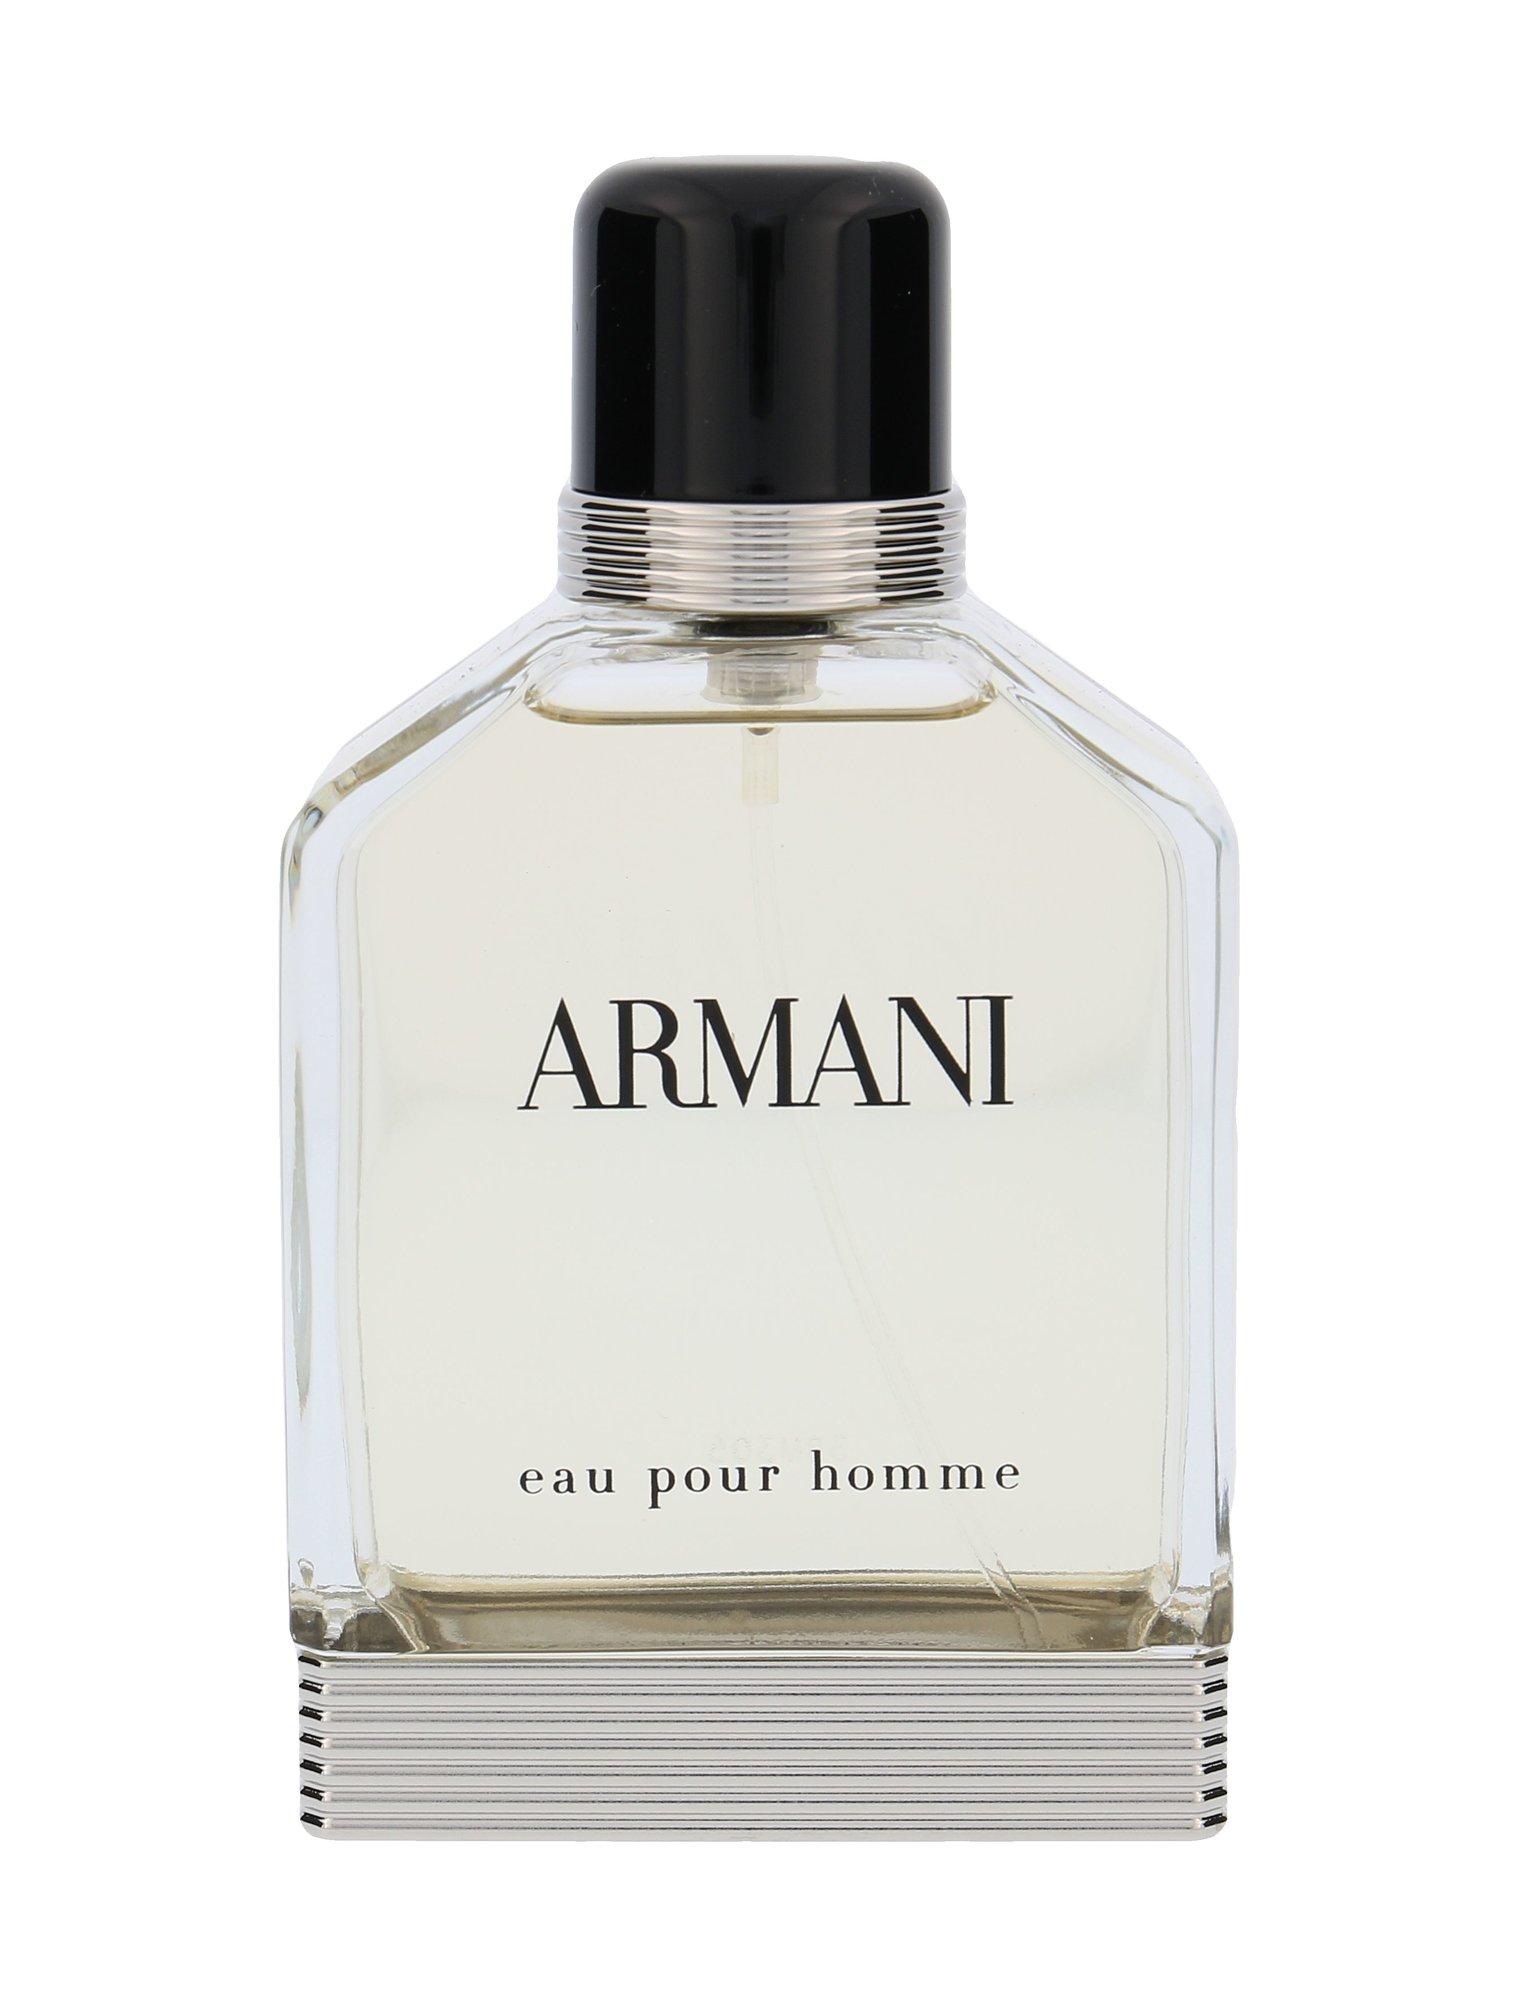 Giorgio Armani Eau Pour Homme EDT 100ml  2013